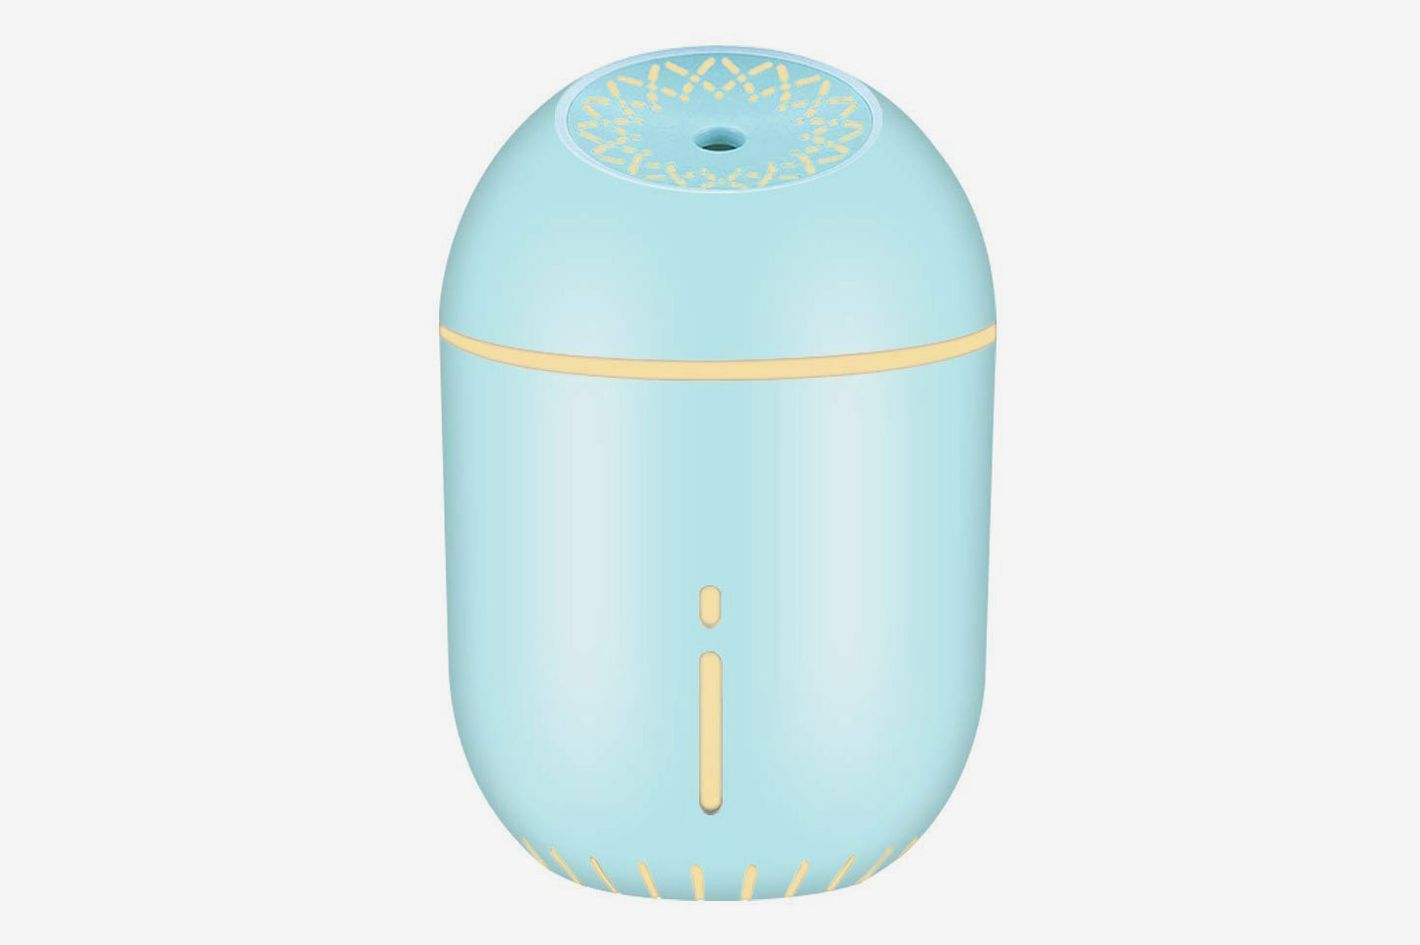 Mini Mist Humidifier